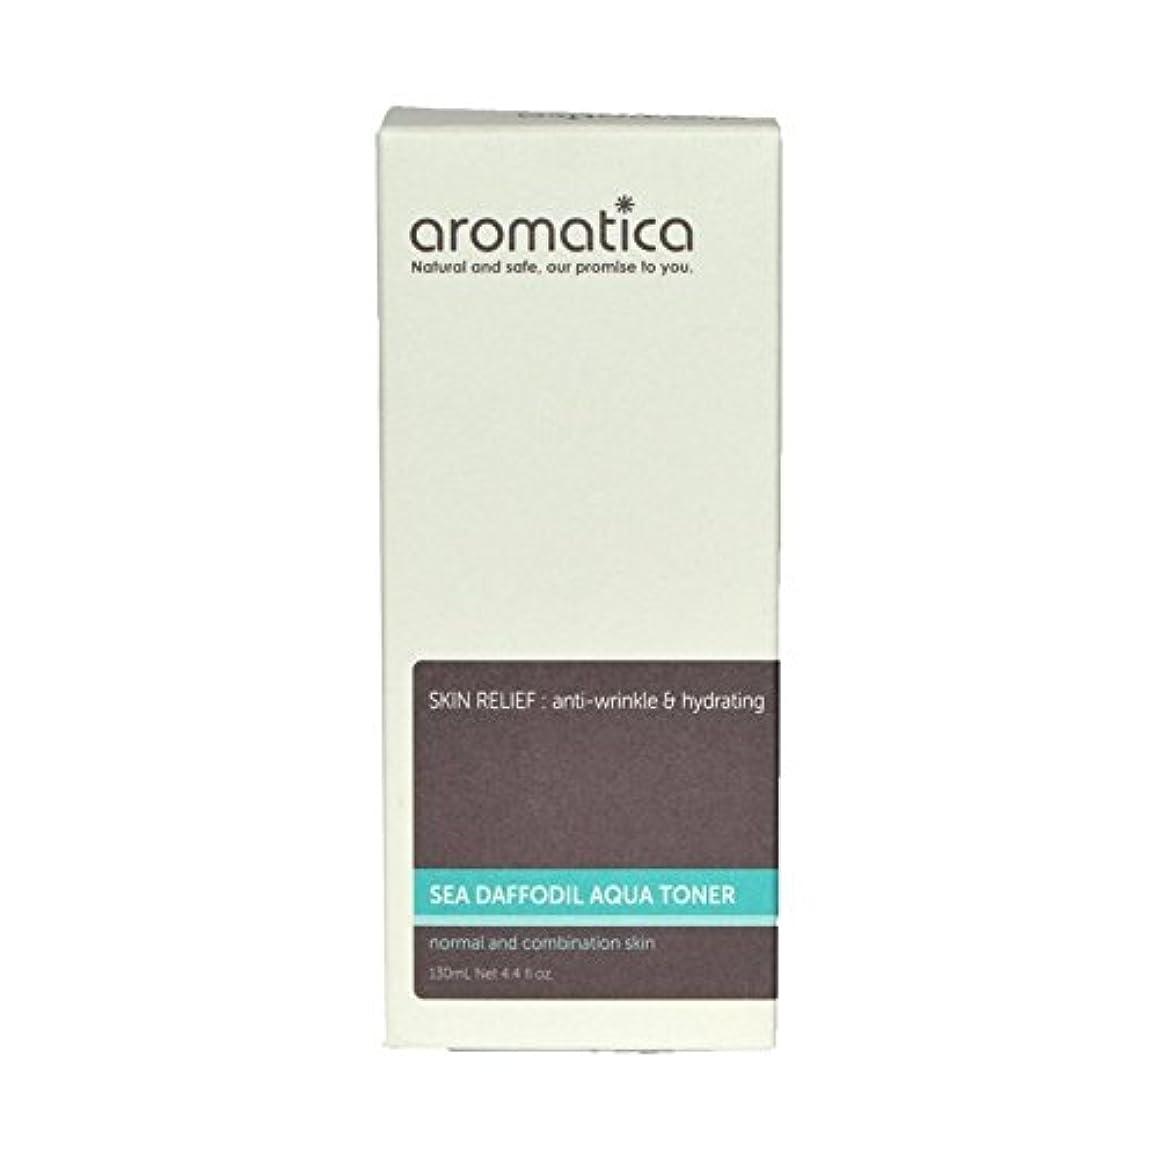 繊毛契約する爵海スイセンアクアトナー130ミリリットル x2 - aromatica Sea Daffodil Aqua Toner 130ml (Pack of 2) [並行輸入品]